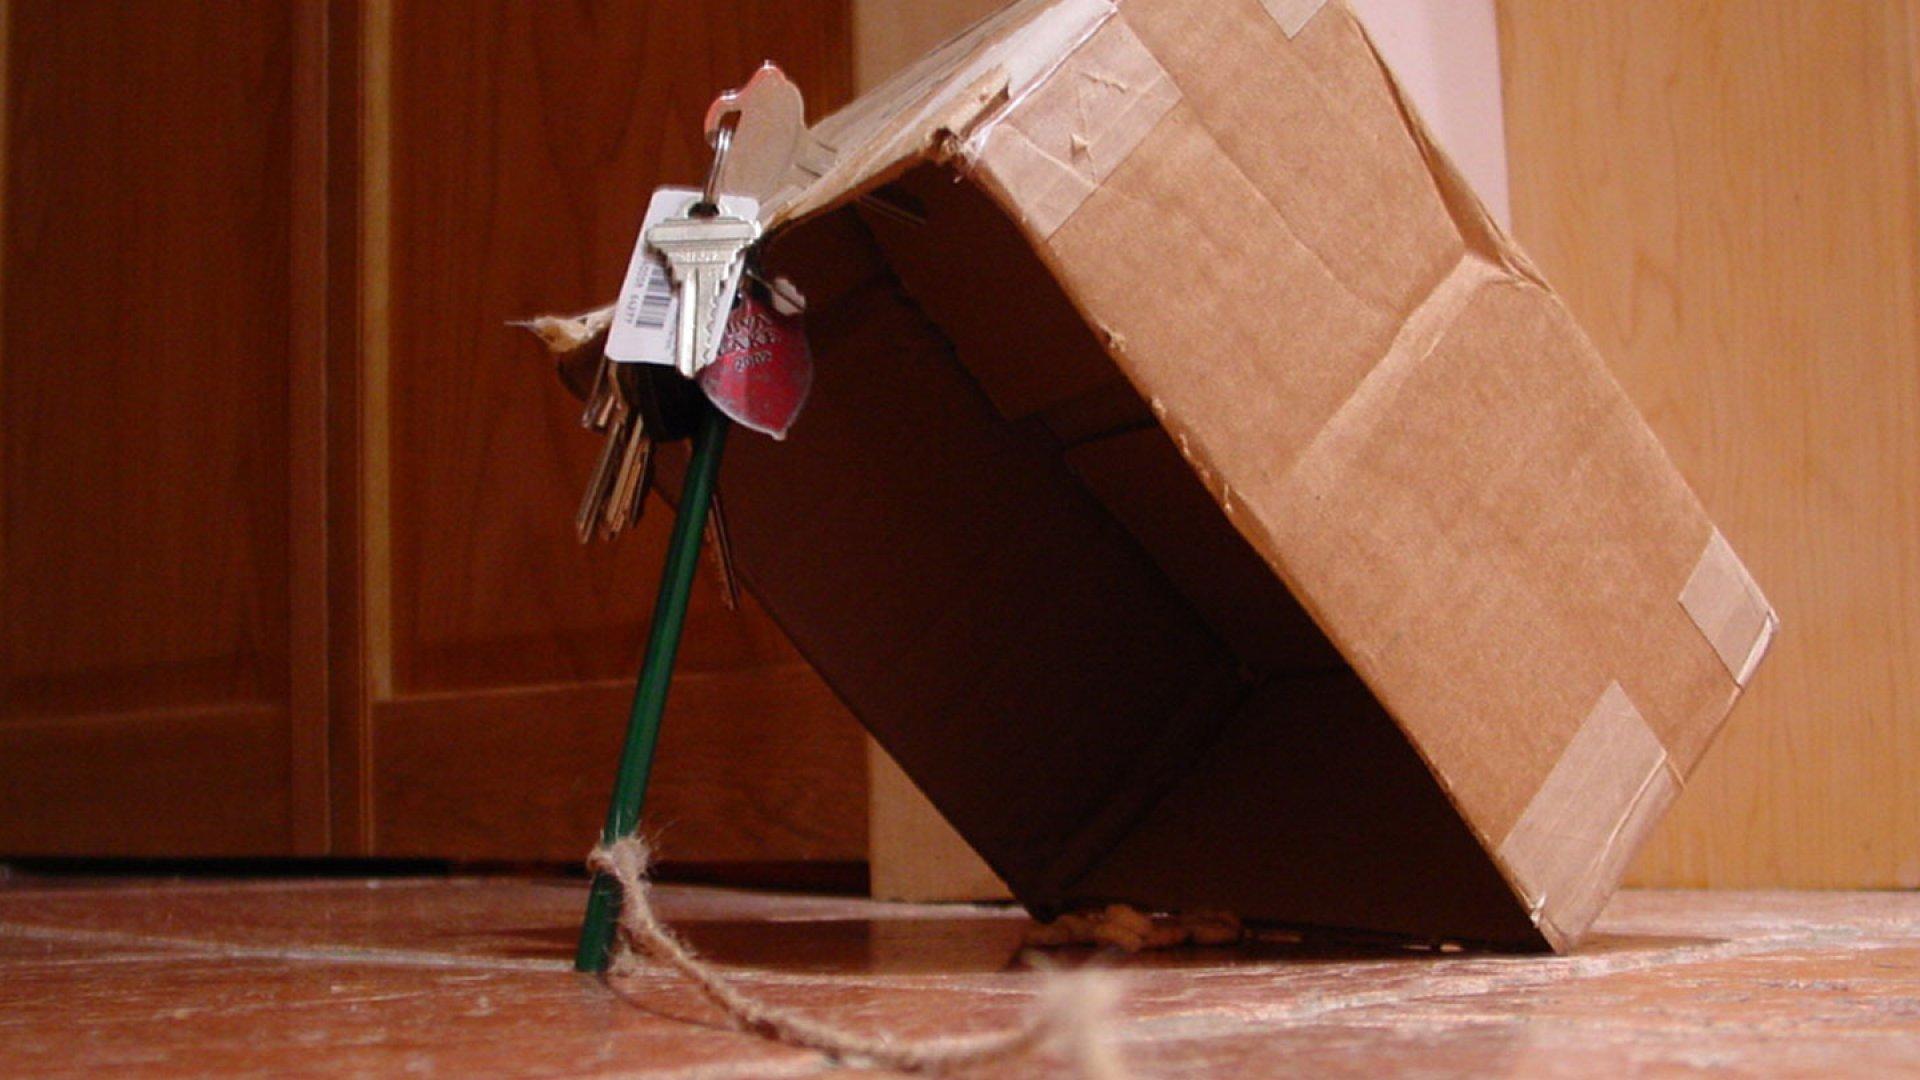 The Sticky Customer Trap